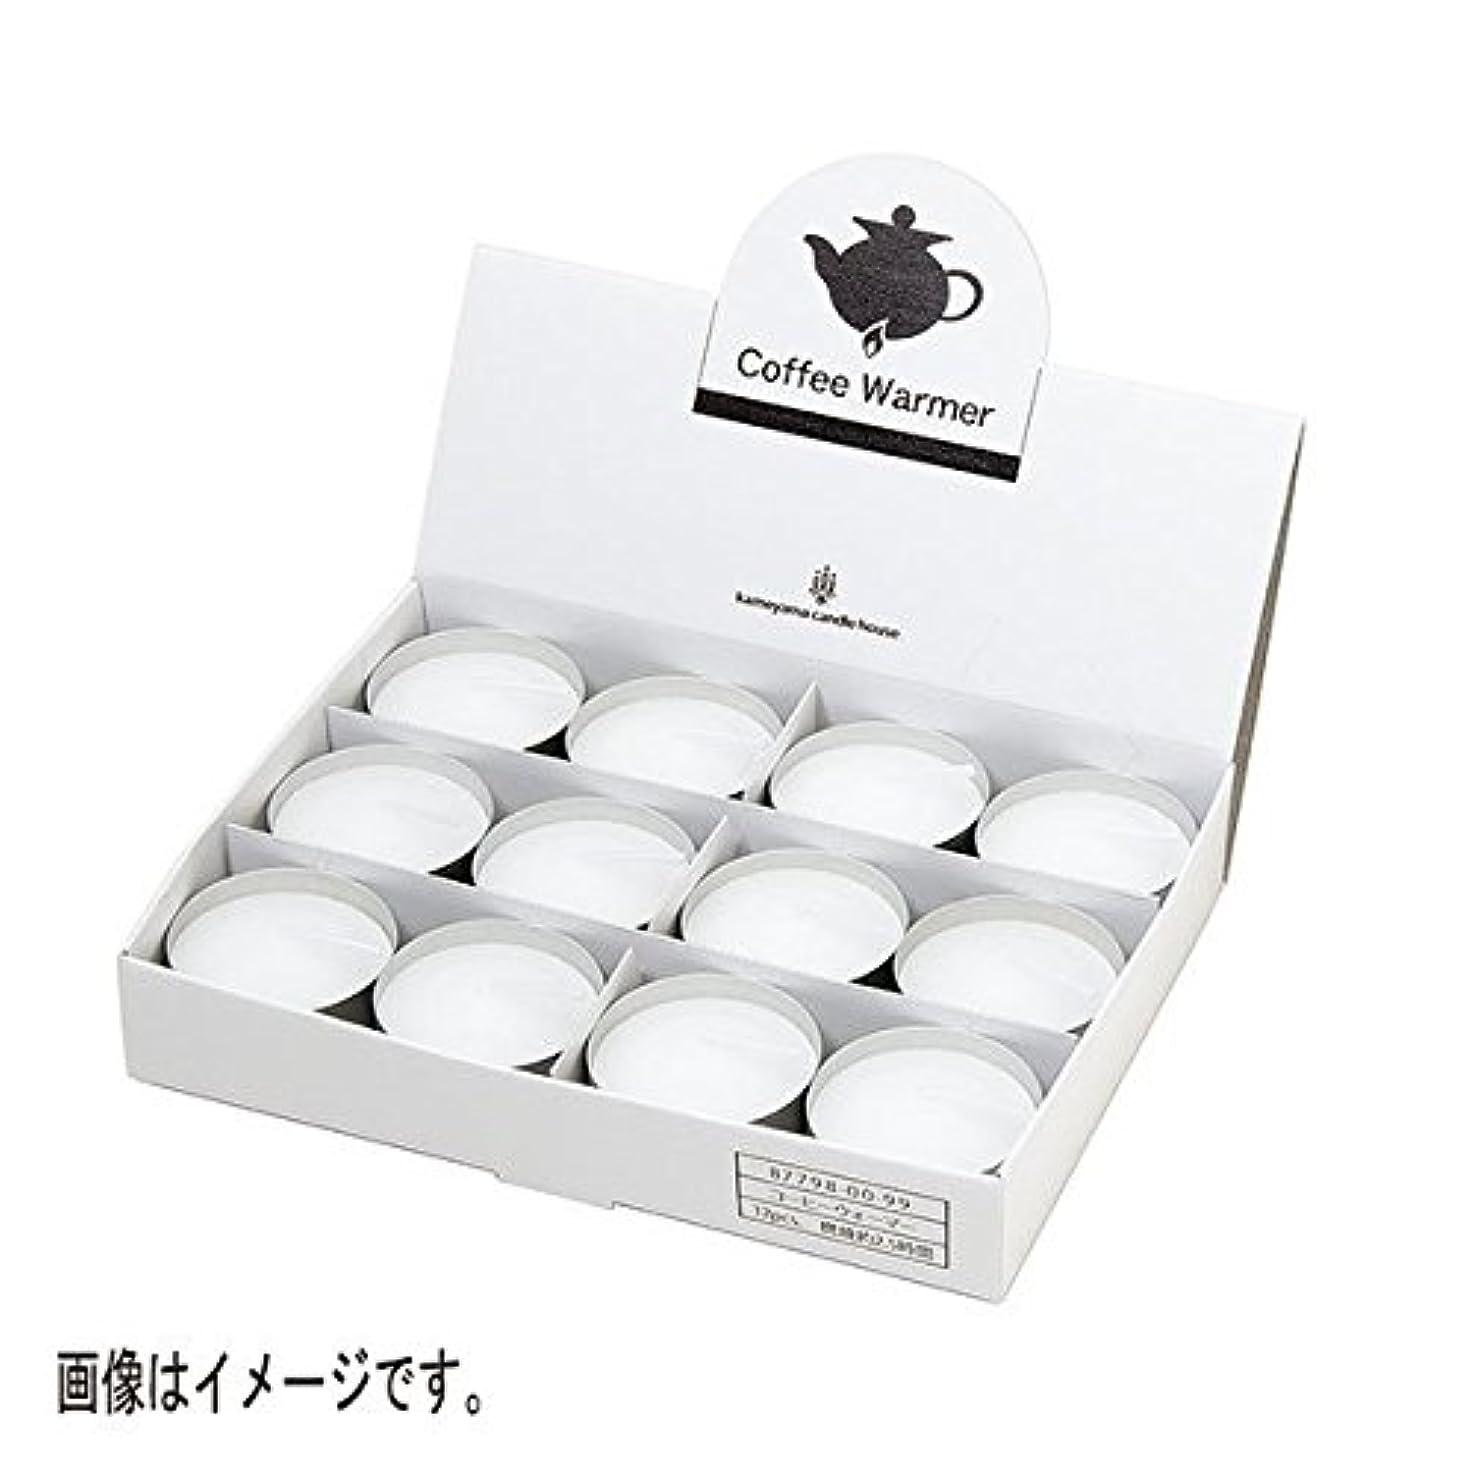 カメヤマキャンドルハウス:コーヒーウォーマー(12個セット) B77980099